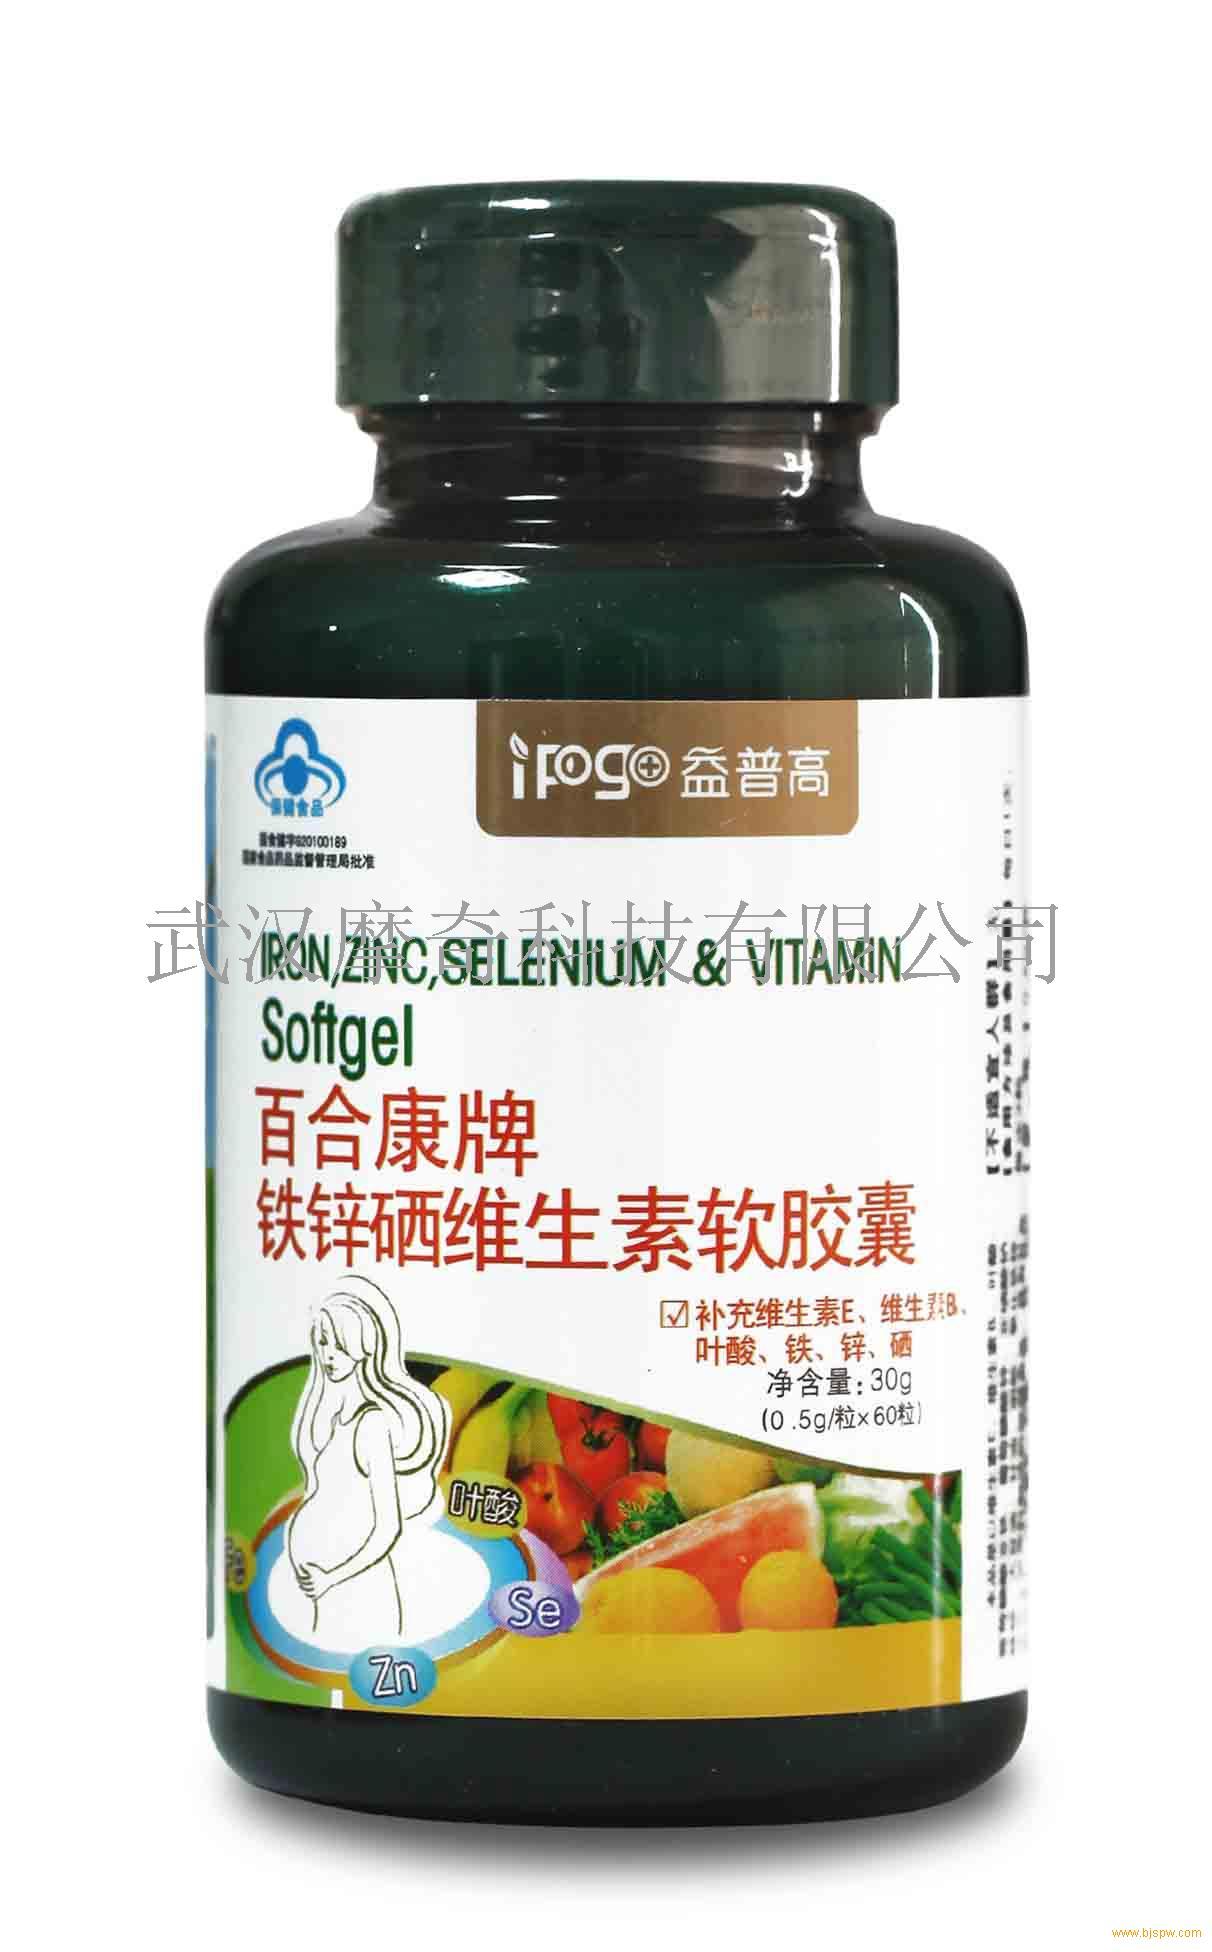 百合康铁锌硒维生素软胶囊招商